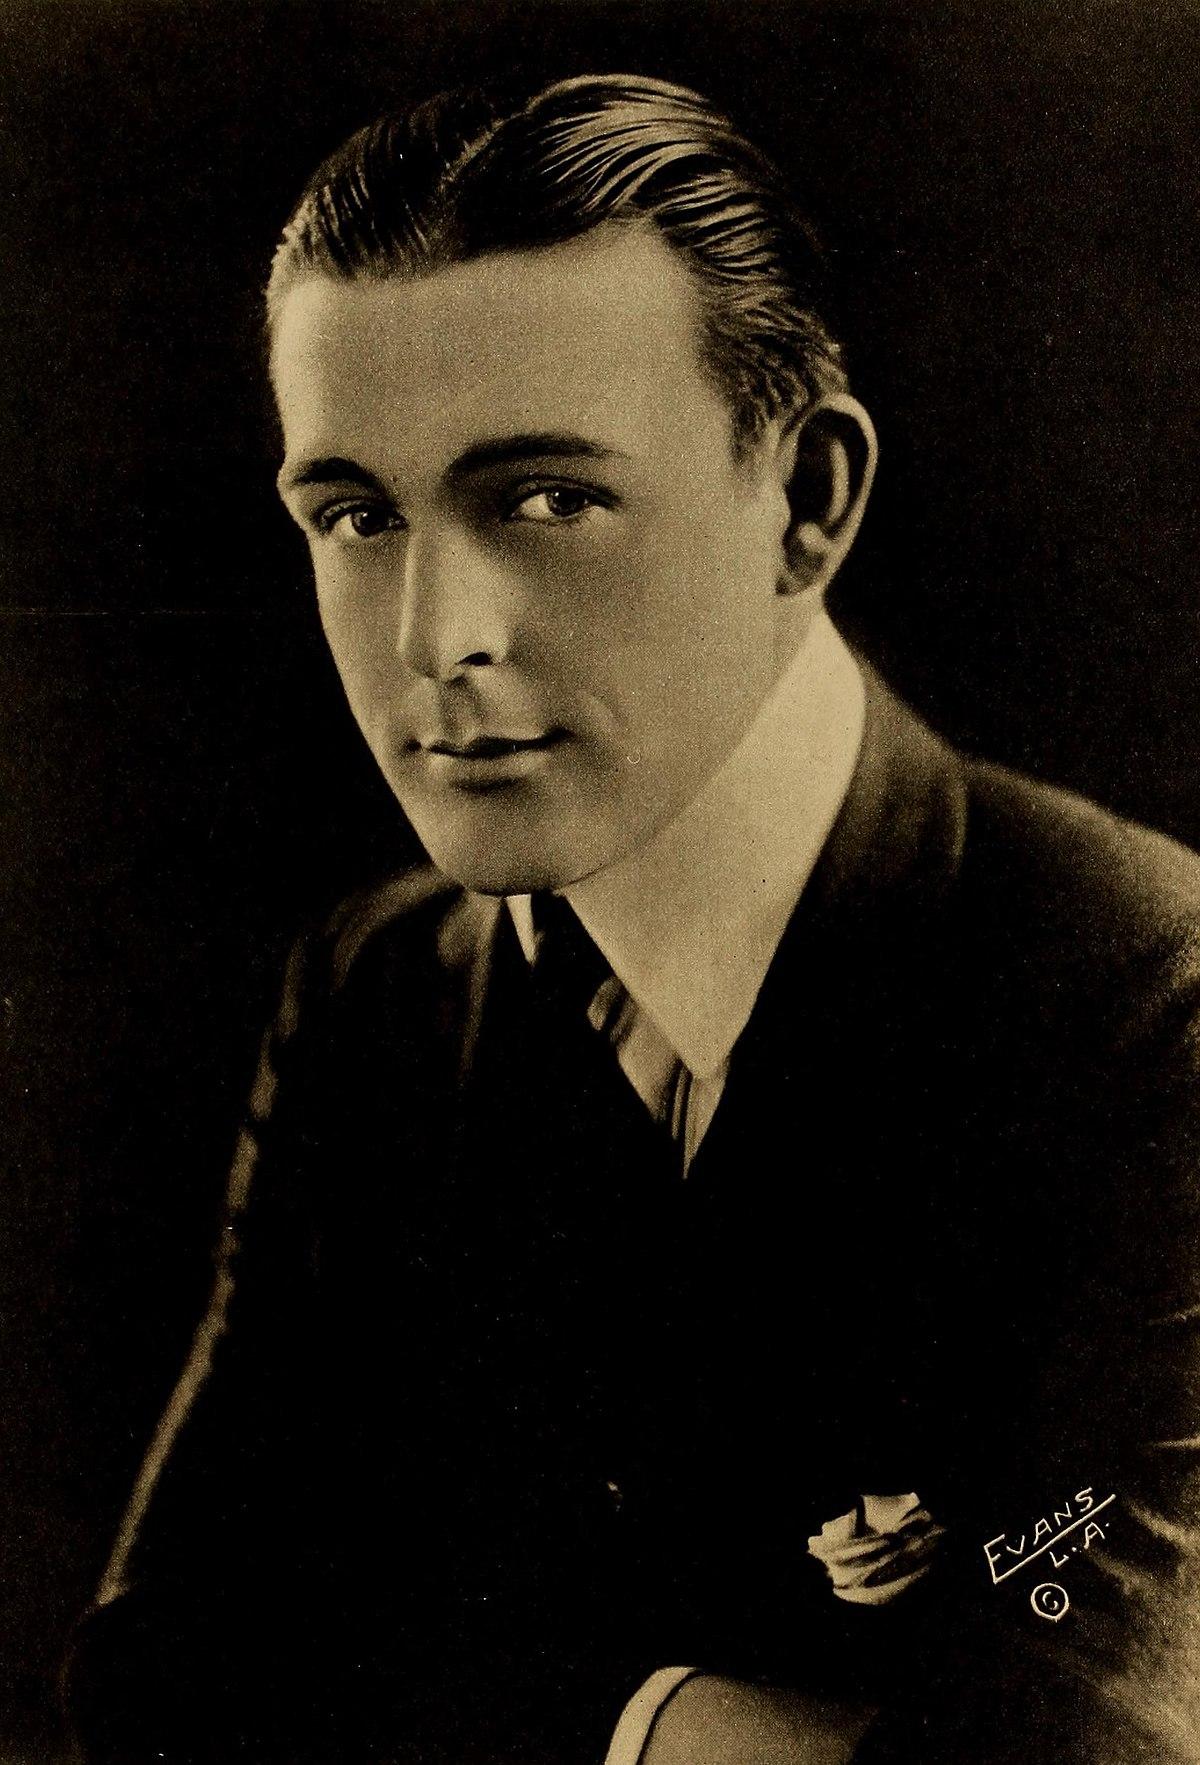 Wallace Reid Wikipedia